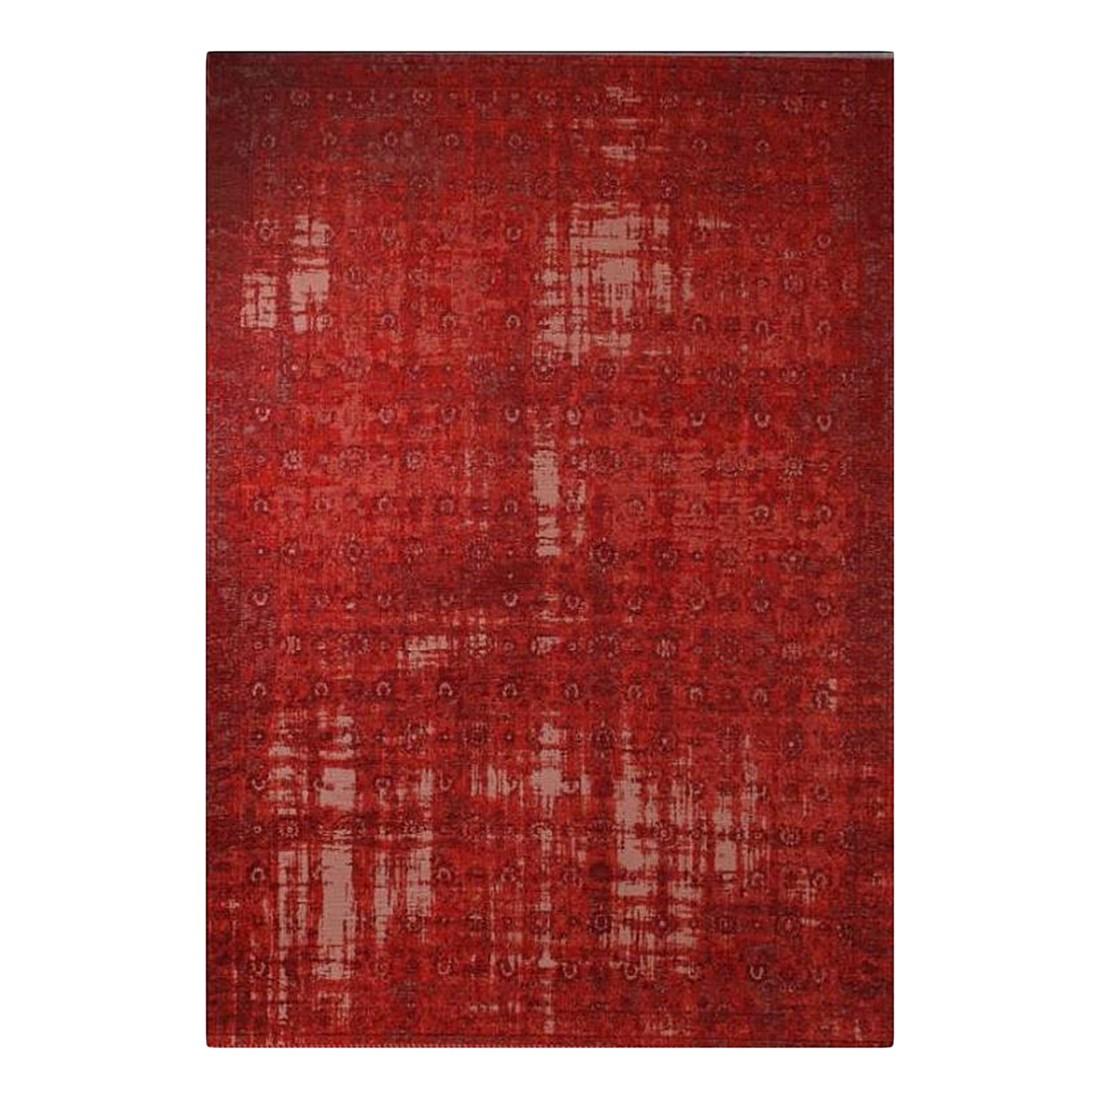 Teppich Retro Folk IV – 200 x 300 cm, Schöngeist & Petersen günstig bestellen